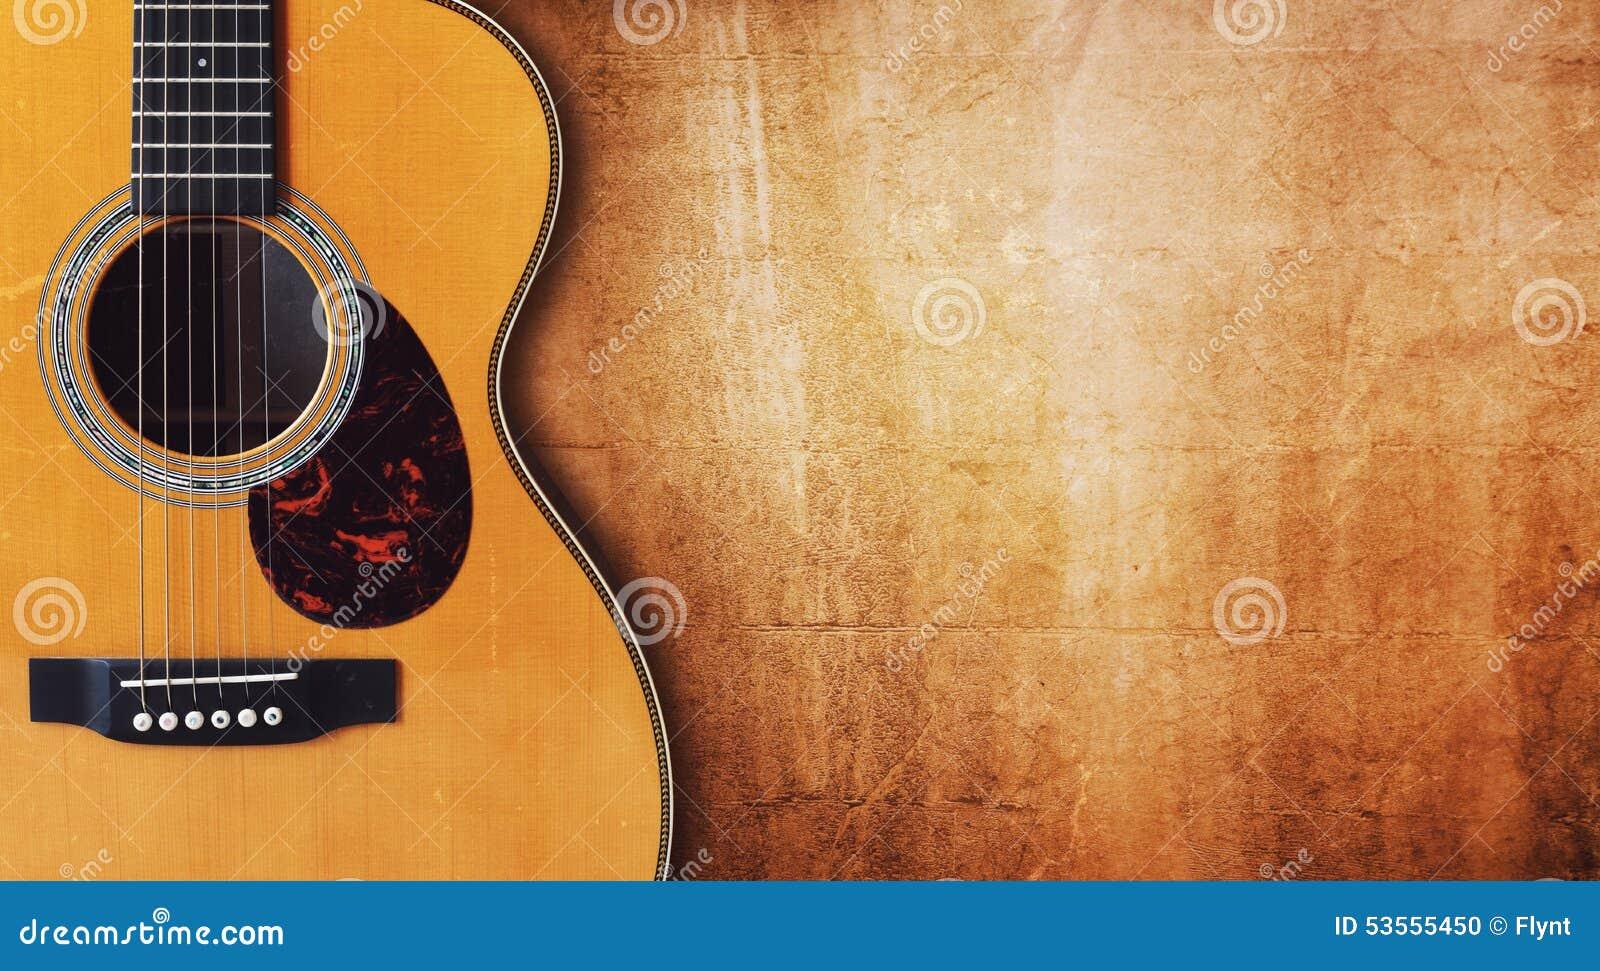 Gitarre und leerer Schmutzhintergrund